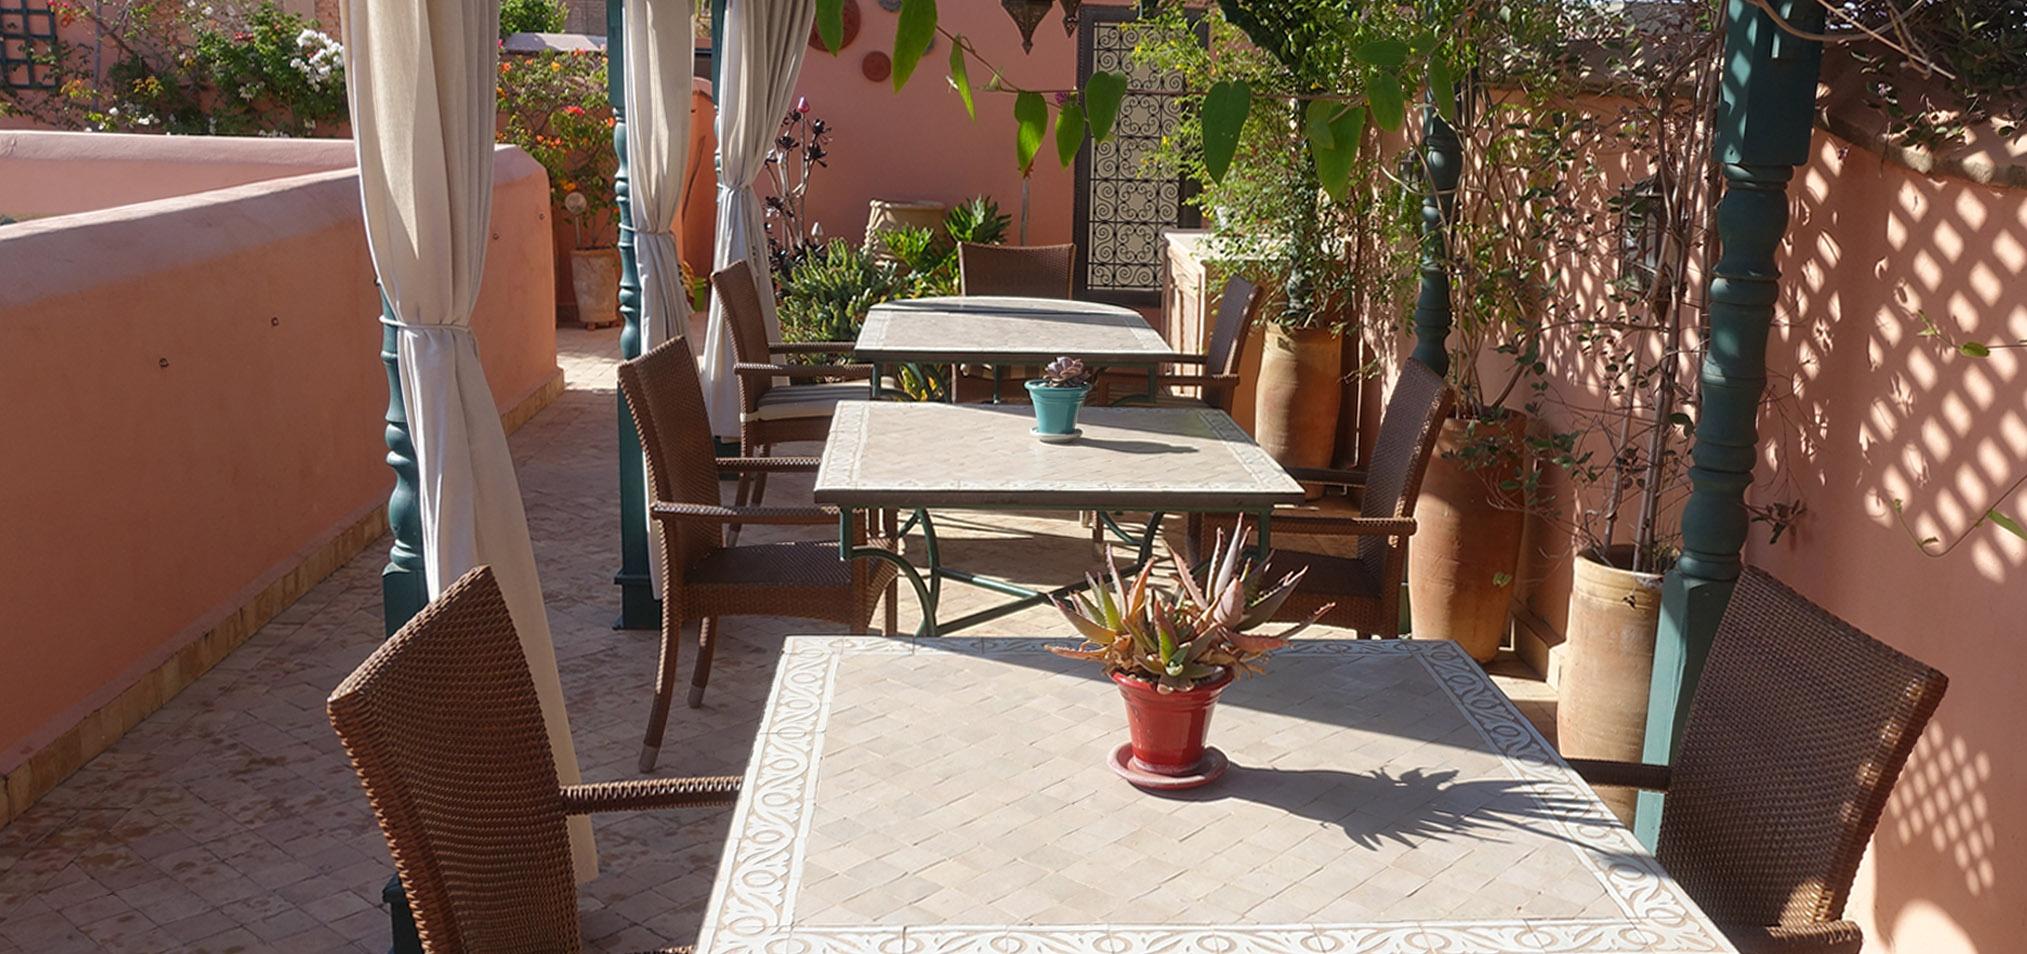 4. Gallery Terrace Breakfast Area